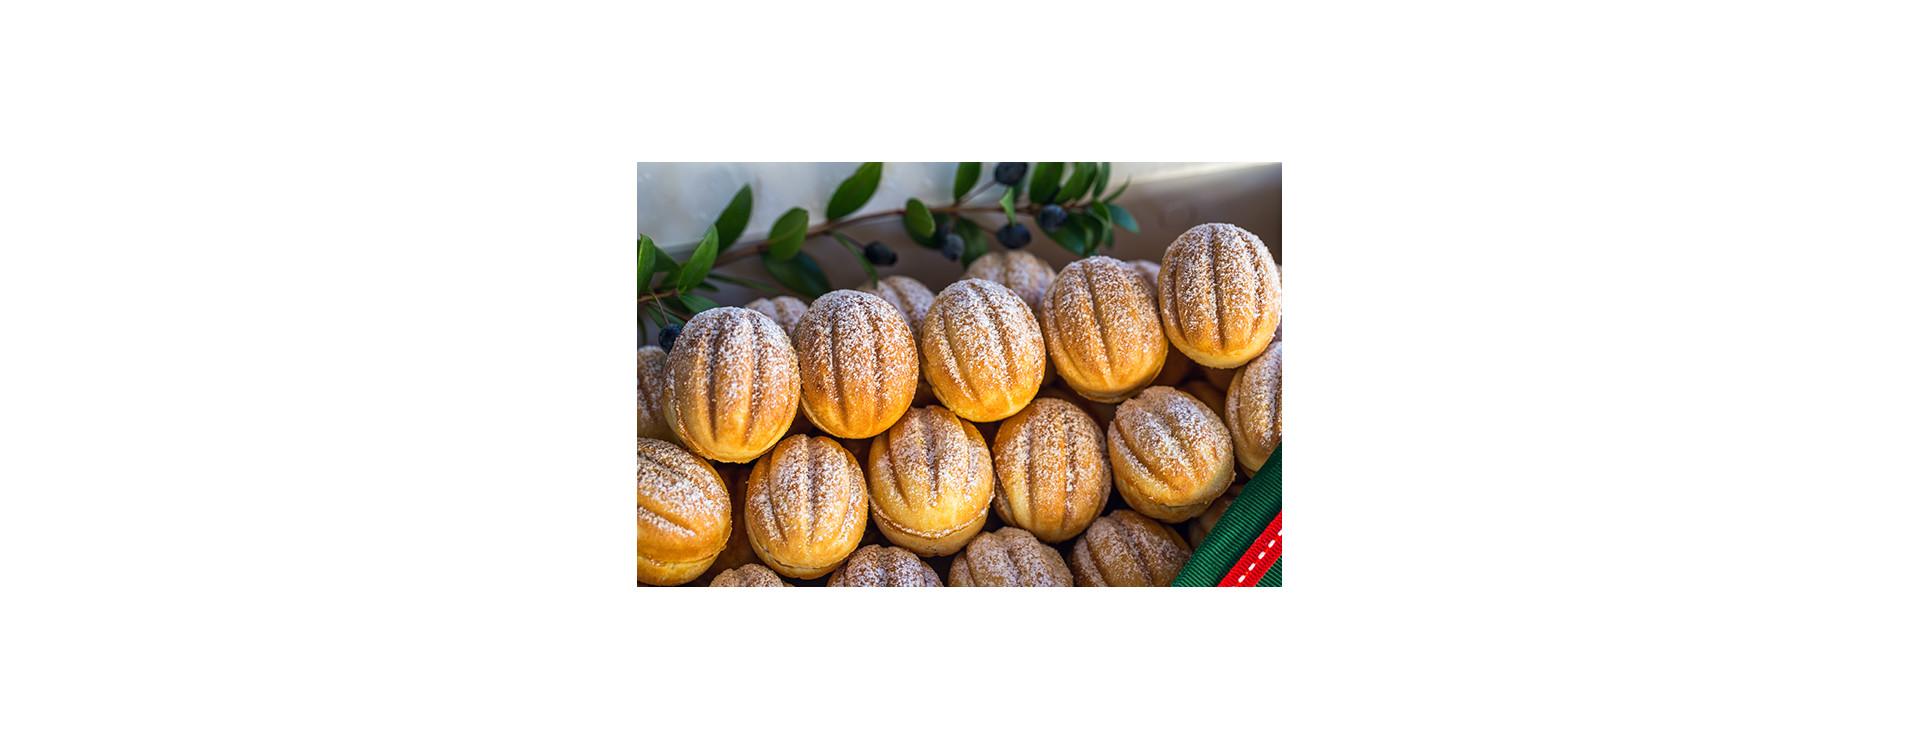 Печенье орешки со сгущенкой классический кулинарный рецепт в орешнице